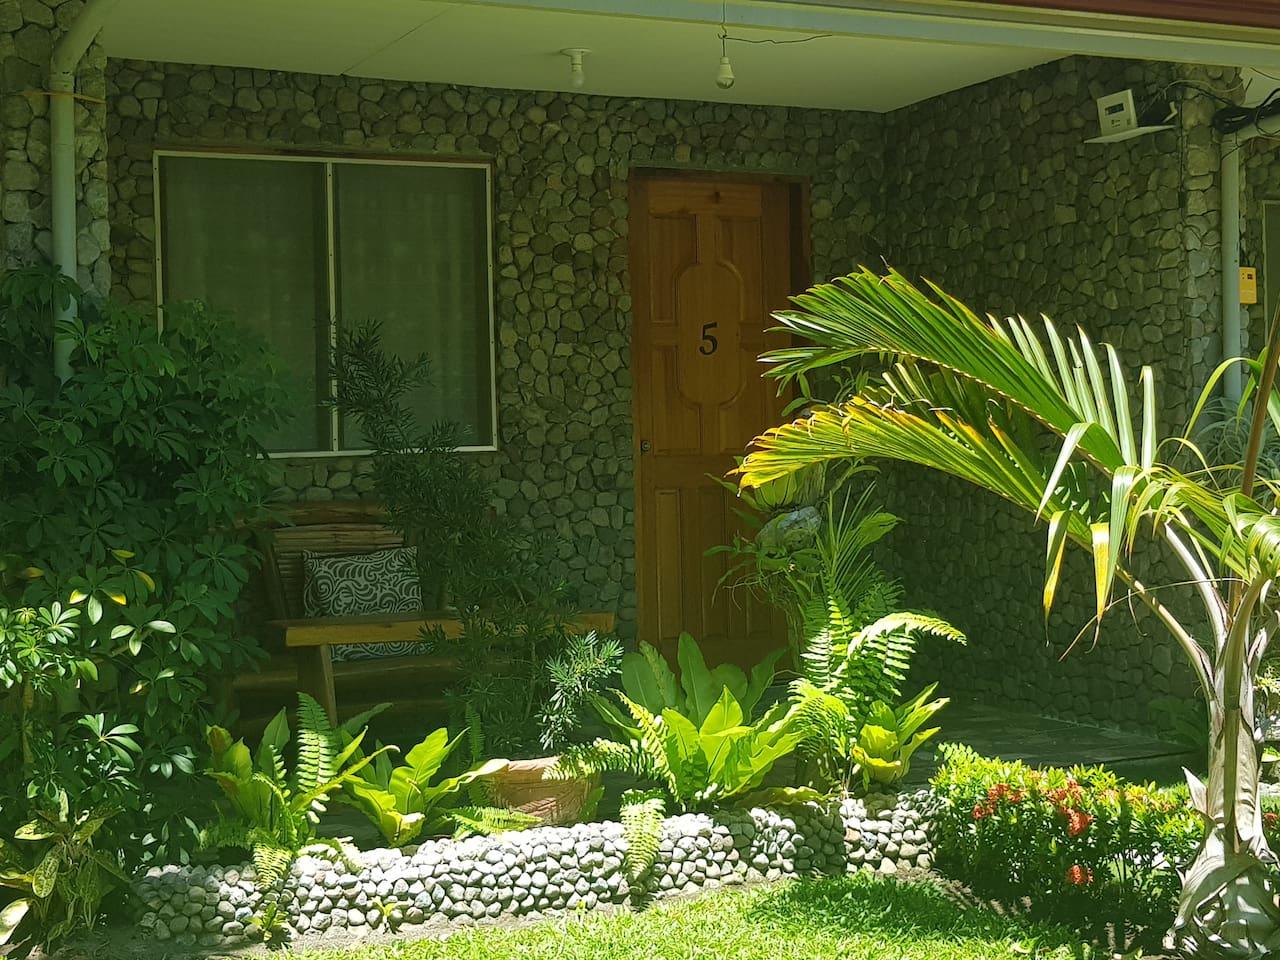 Duplex 2(cottage 5)